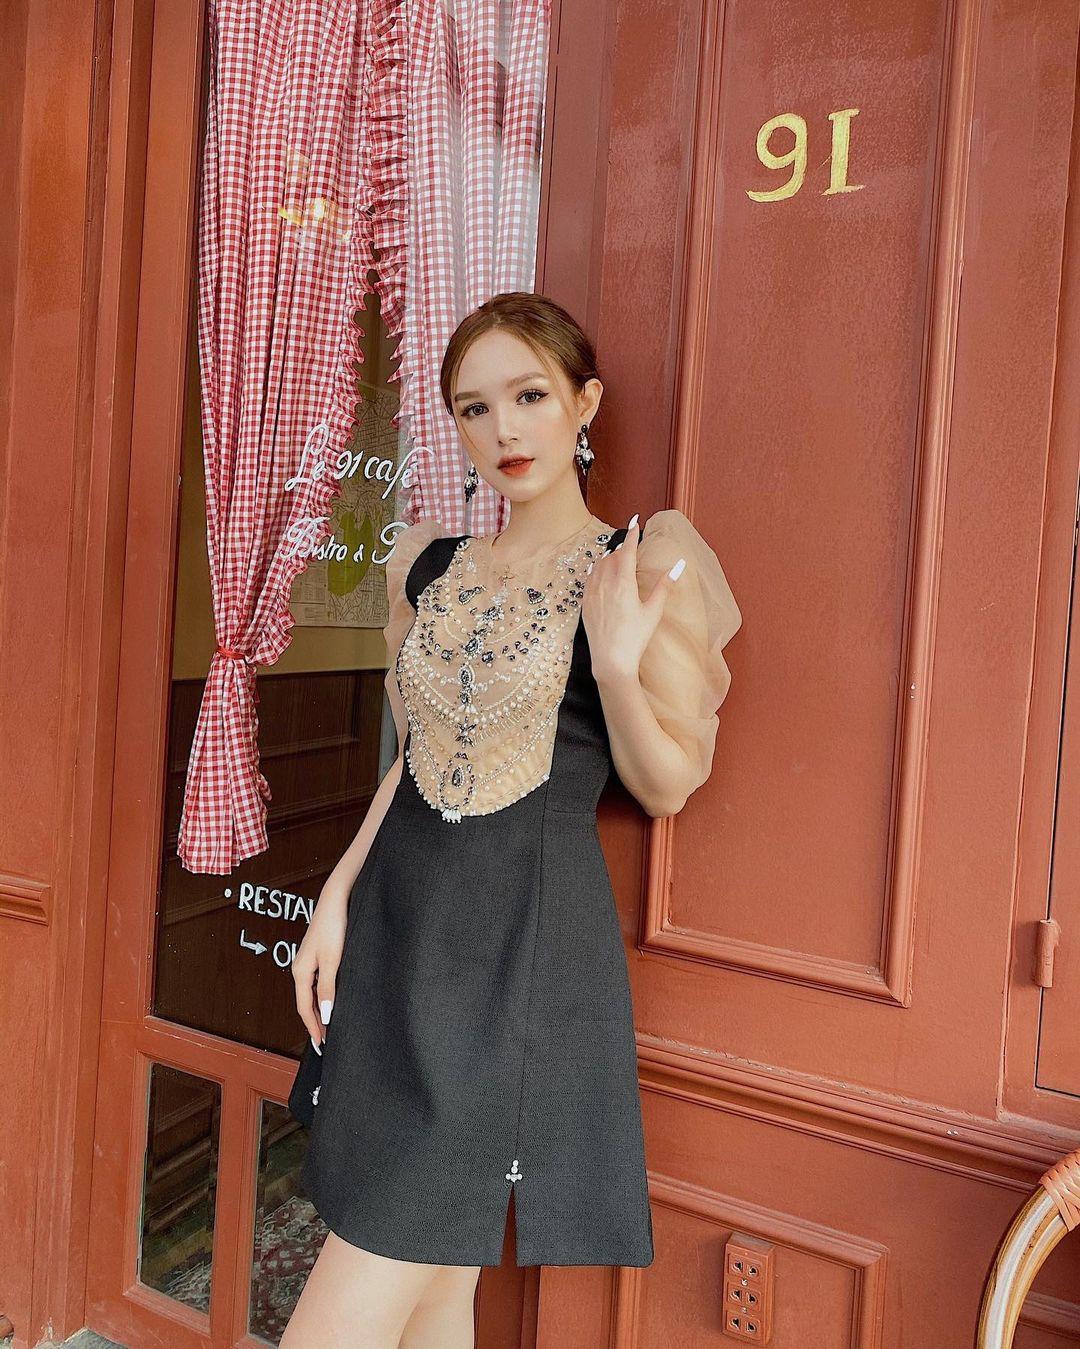 Váy áo local brand sao Việt vừa diện: Váy tiểu thư của Nhã Phương và váy chanh sả của Xoài Non đều chỉ hơn 2 triệu - Ảnh 6.